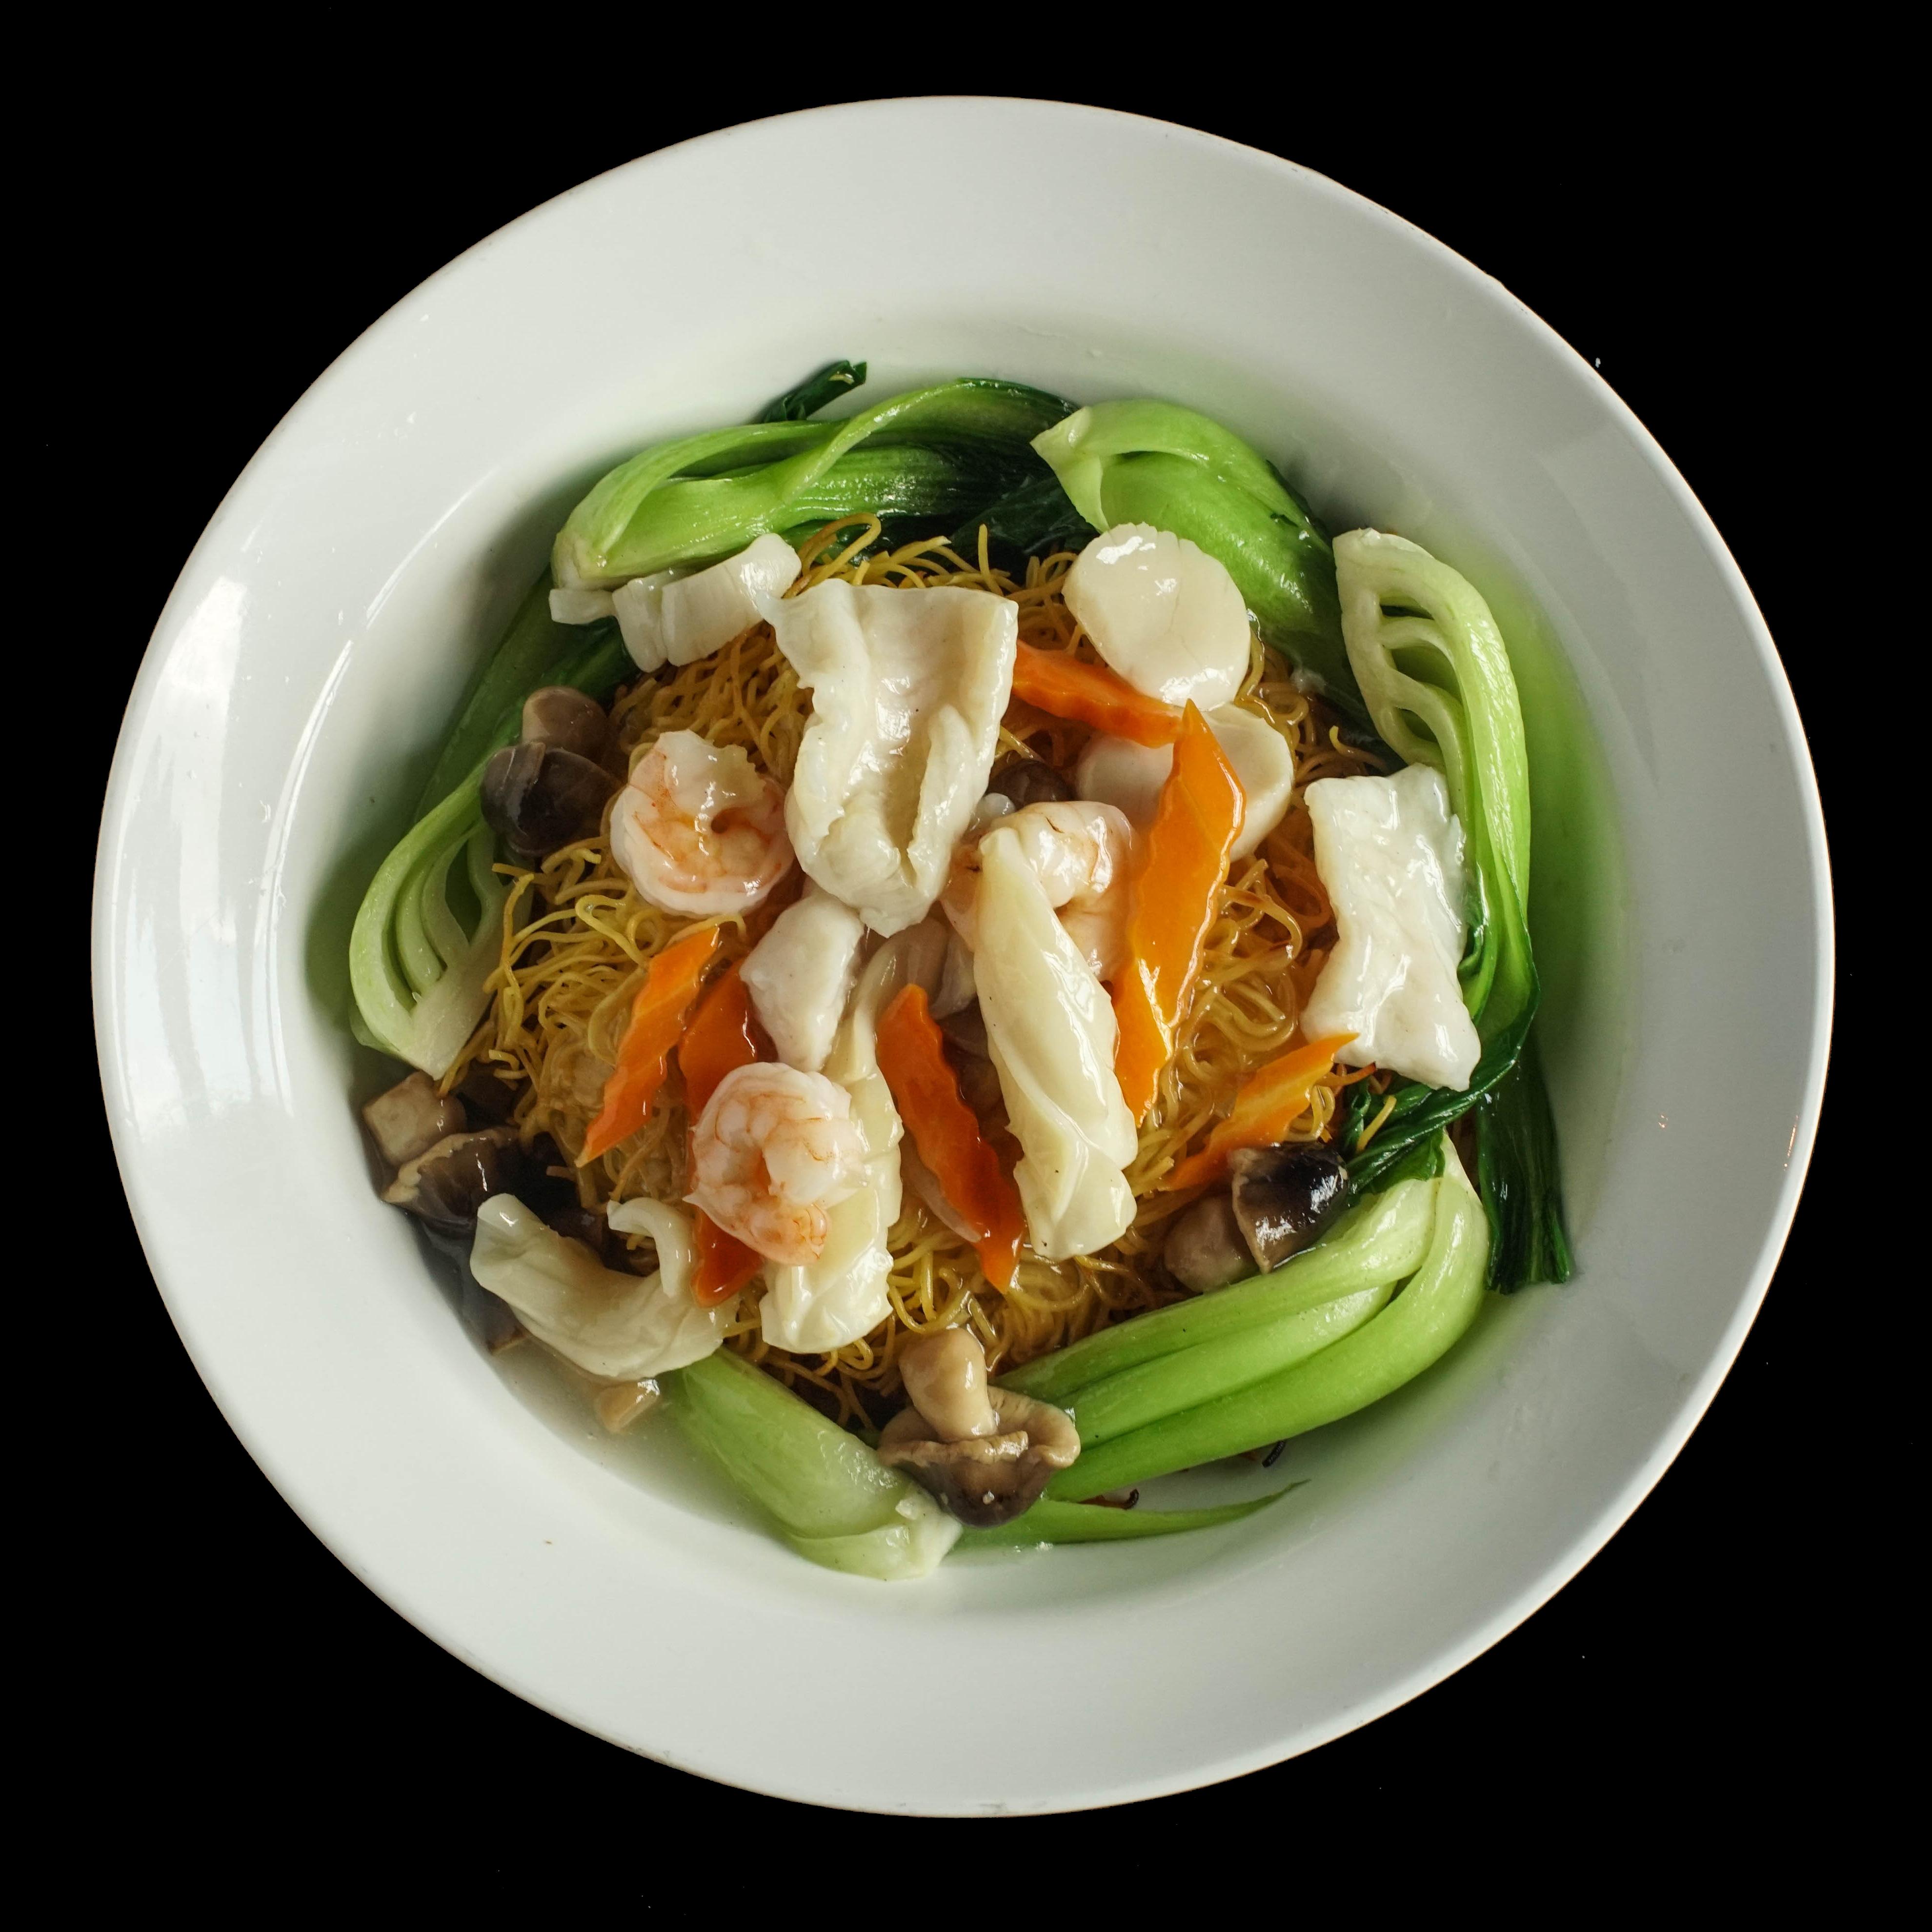 109. 海鲜两面王 Seafood Combination Pan Fried Egg Noodle Image